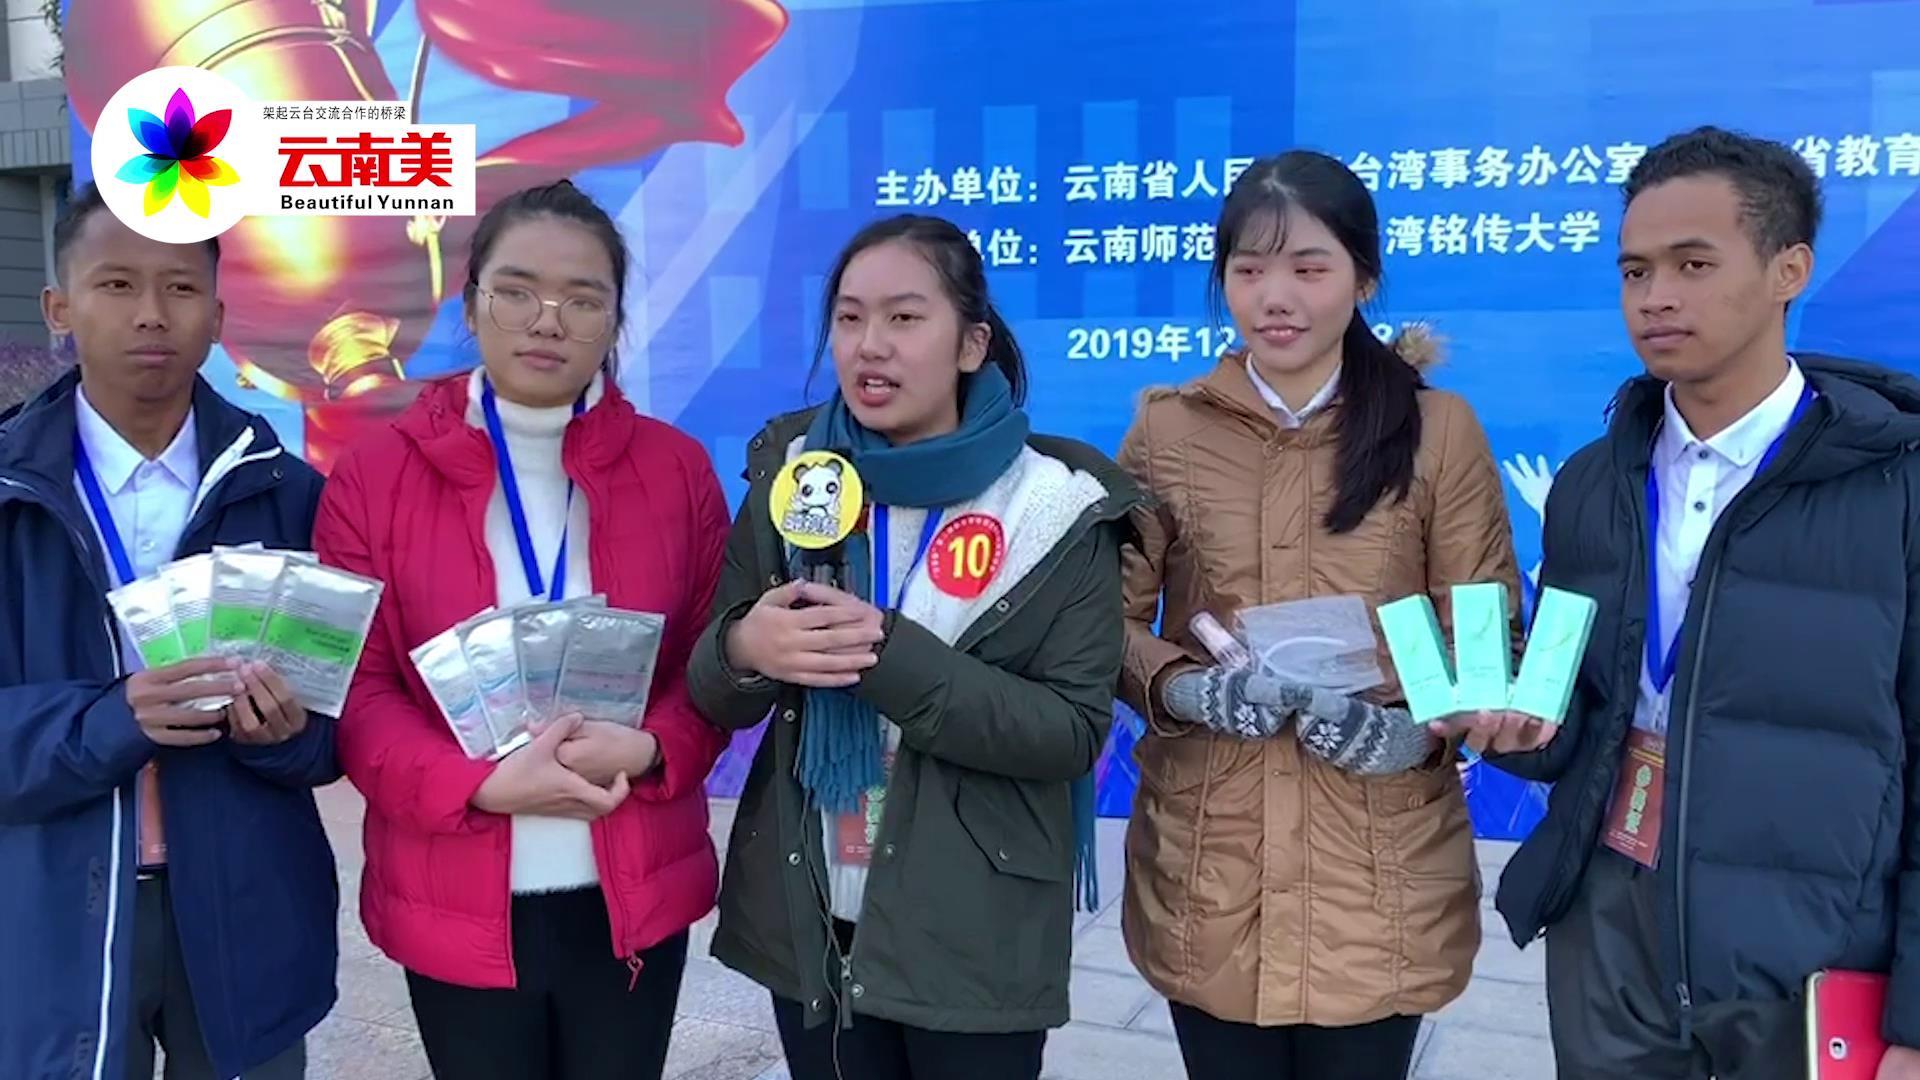 第二届云台青年学生创新创业邀请台湾创业小伙伴图片